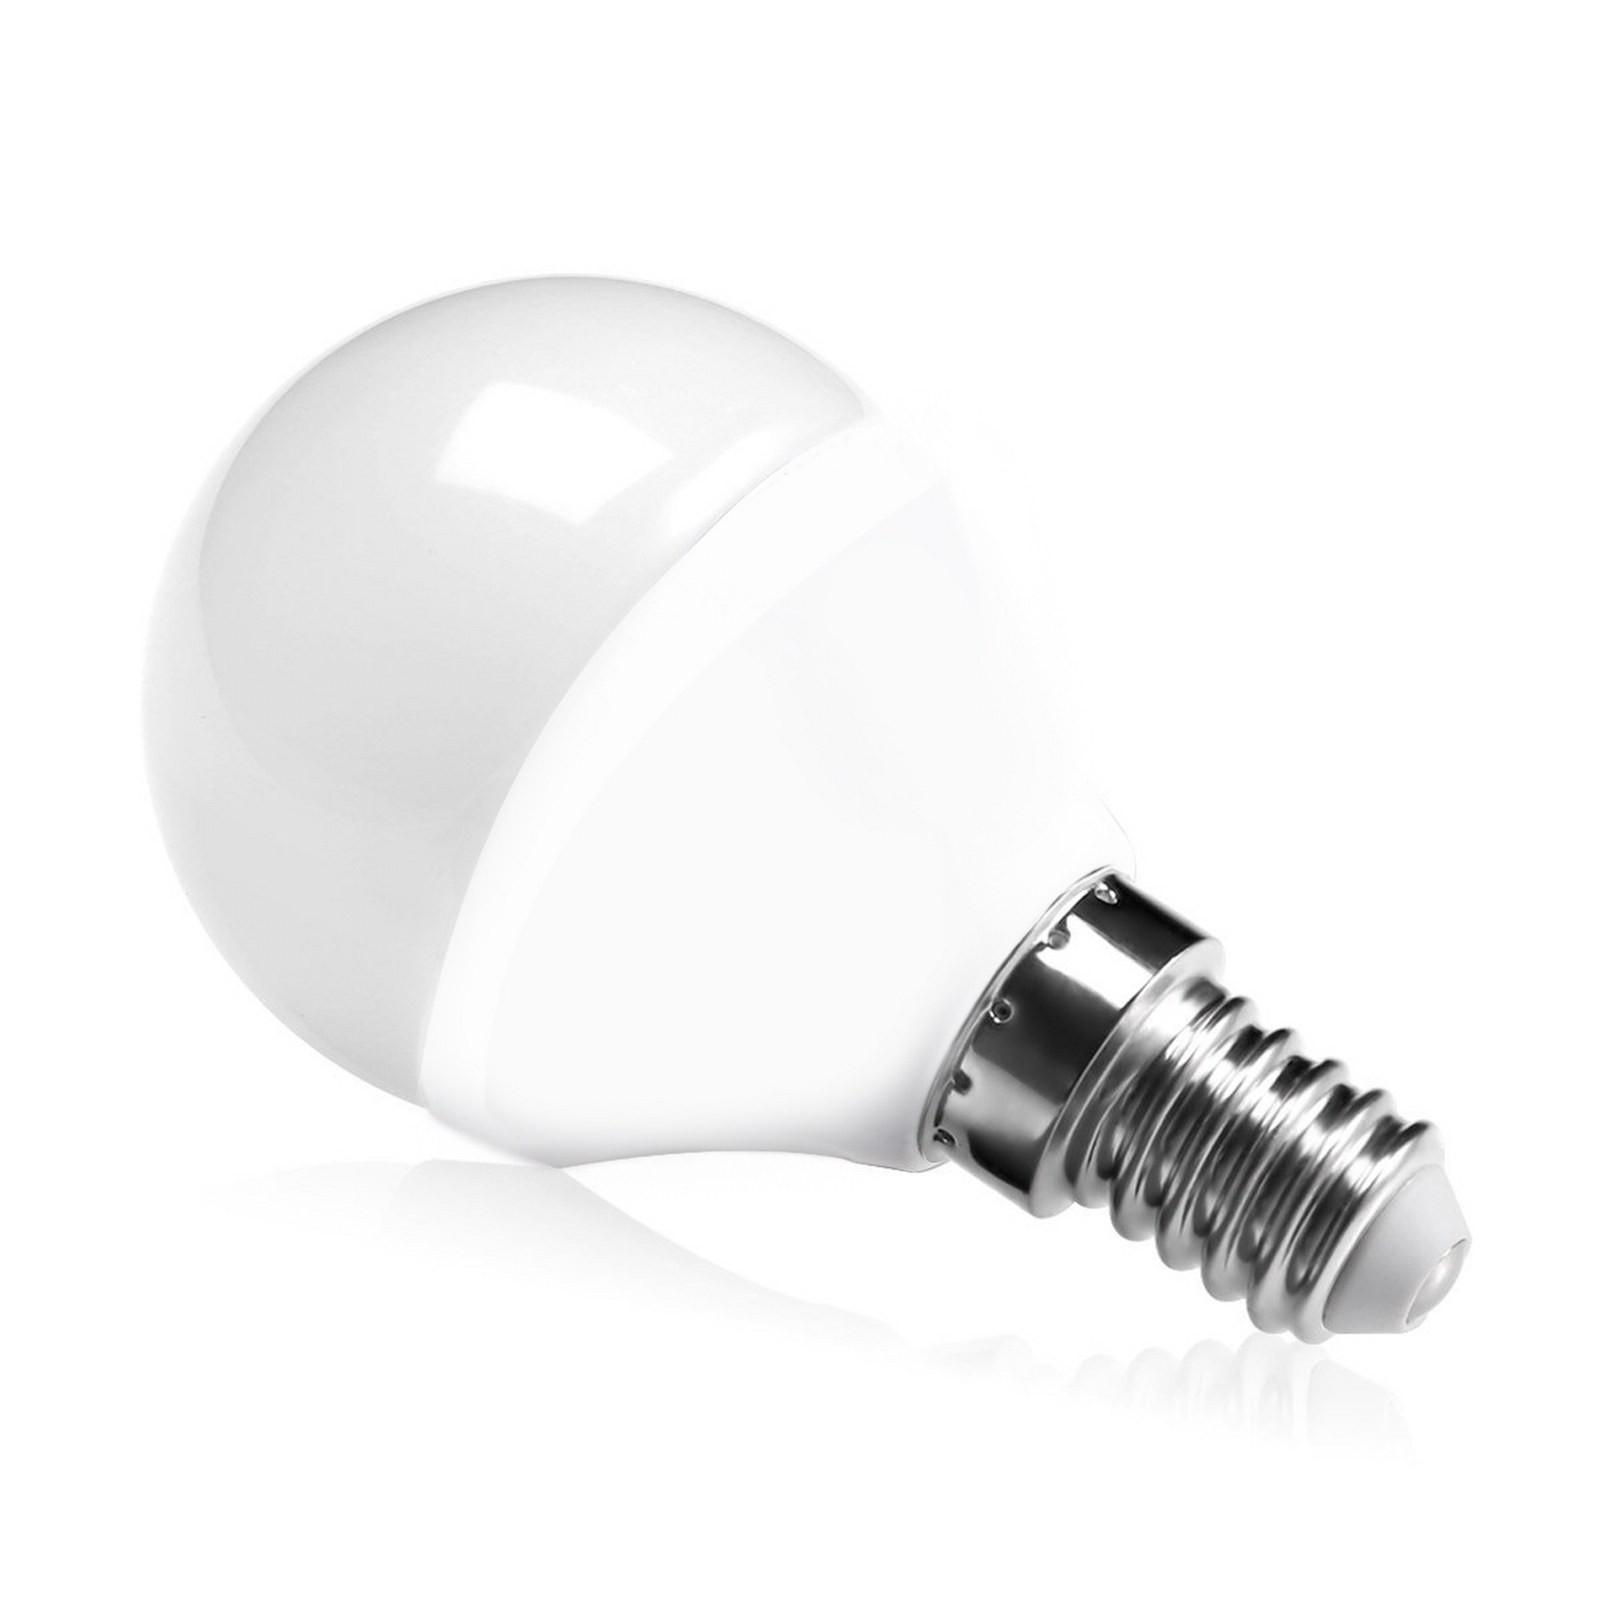 Lampada lampadina e14 4w minisfera p45 luce fredda smd for Lampadina led 3w